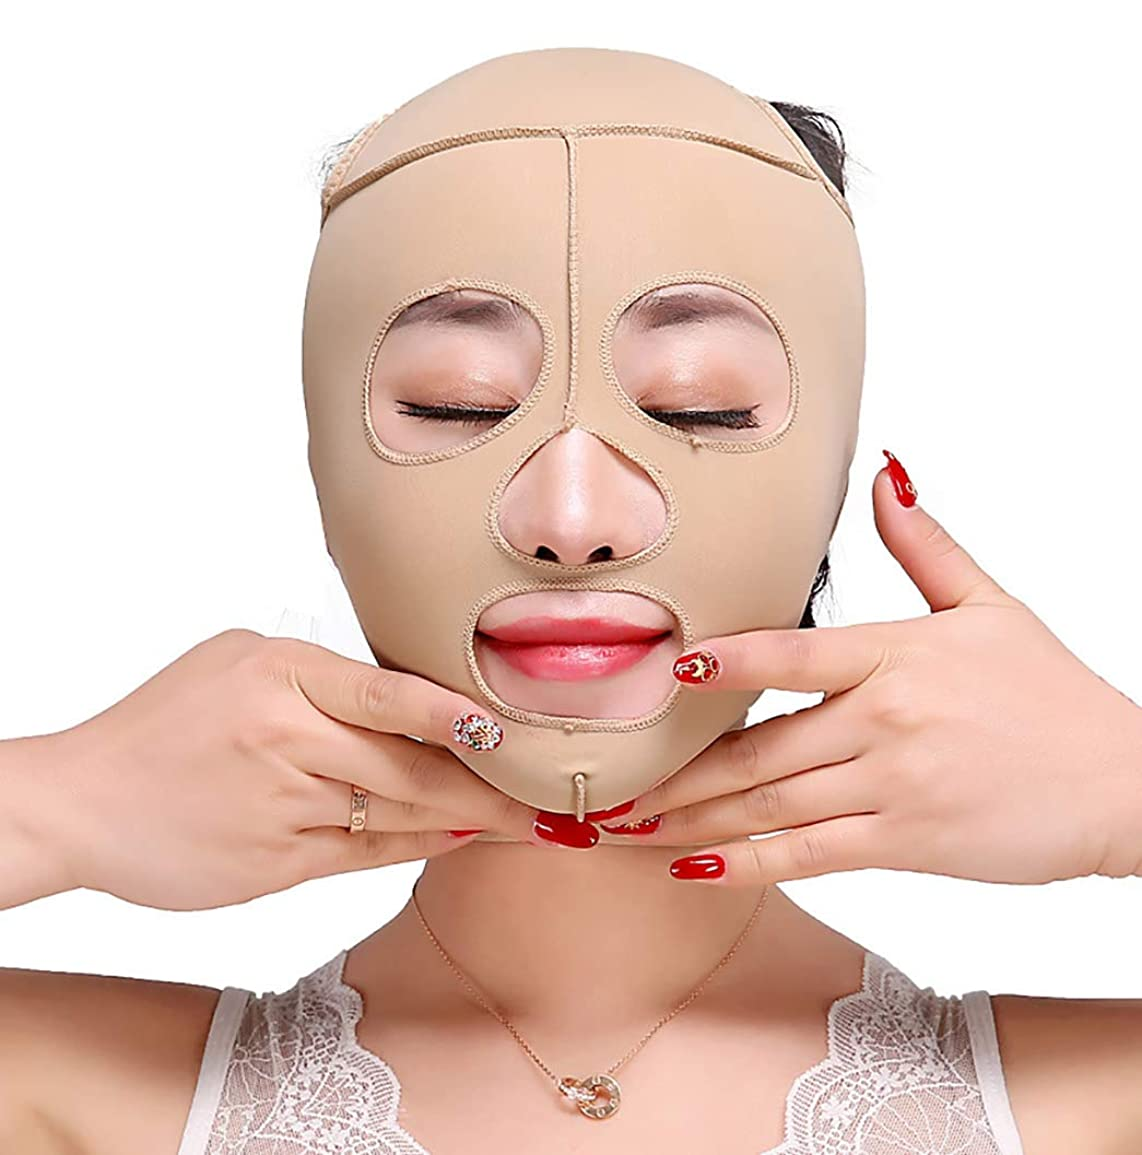 権限を与えるに対応時間厳守TLMY 痩身ベルト痩身ベルト薄い顔の包帯小V顔の顔の薄い顔のマスク包帯の強化引き締めV顔美容マスク小さな顔の包帯の頭飾り修正顔の形 顔用整形マスク (Size : M)